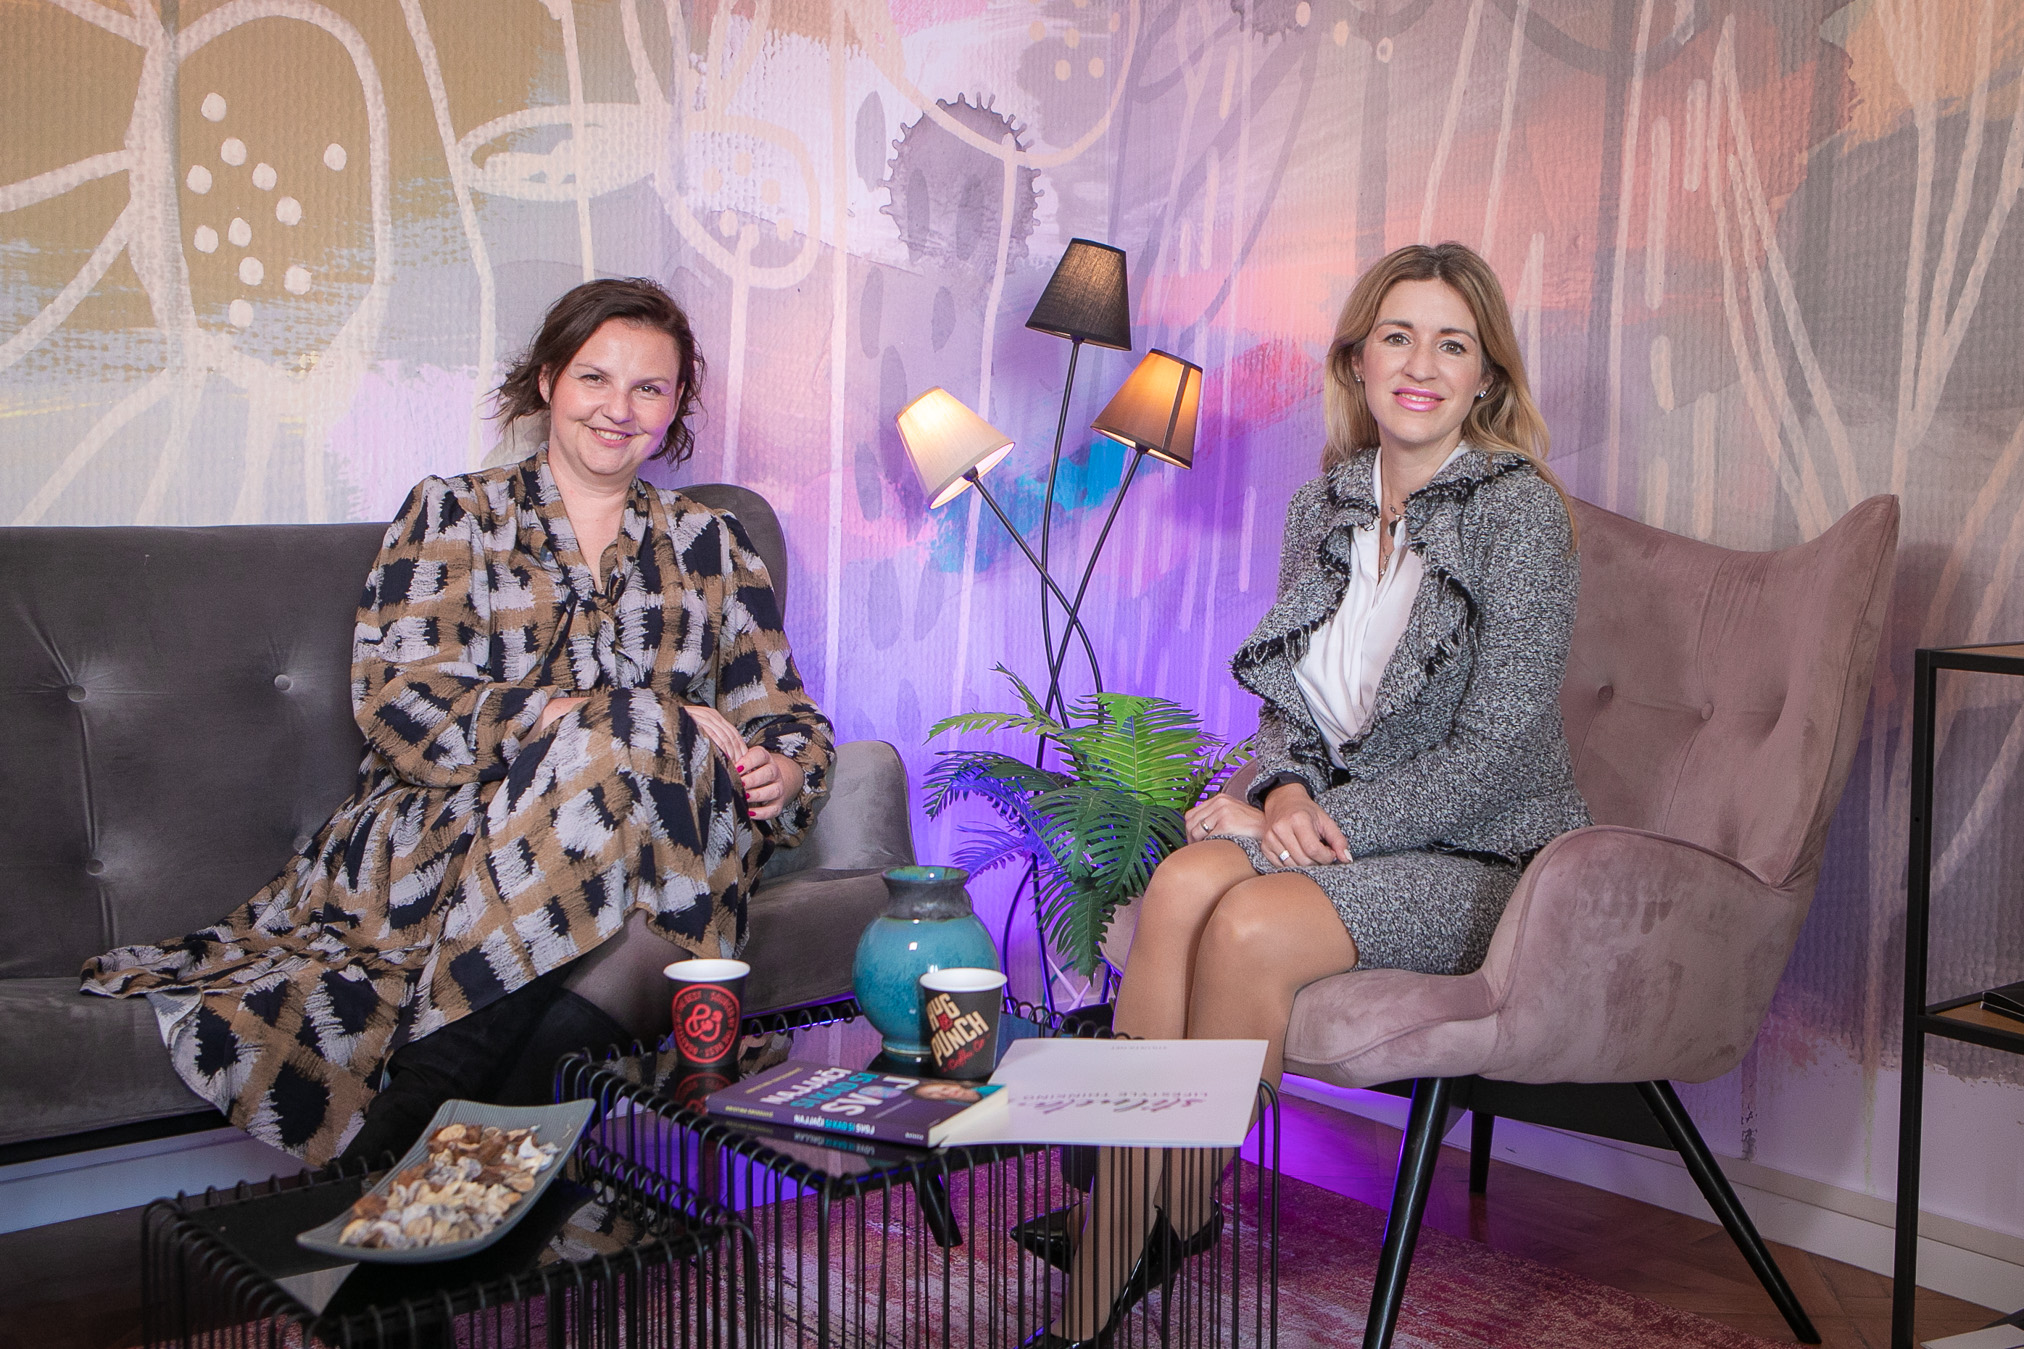 Inspirativne priče s potpisom riječkog tima - Stilueta Living Room